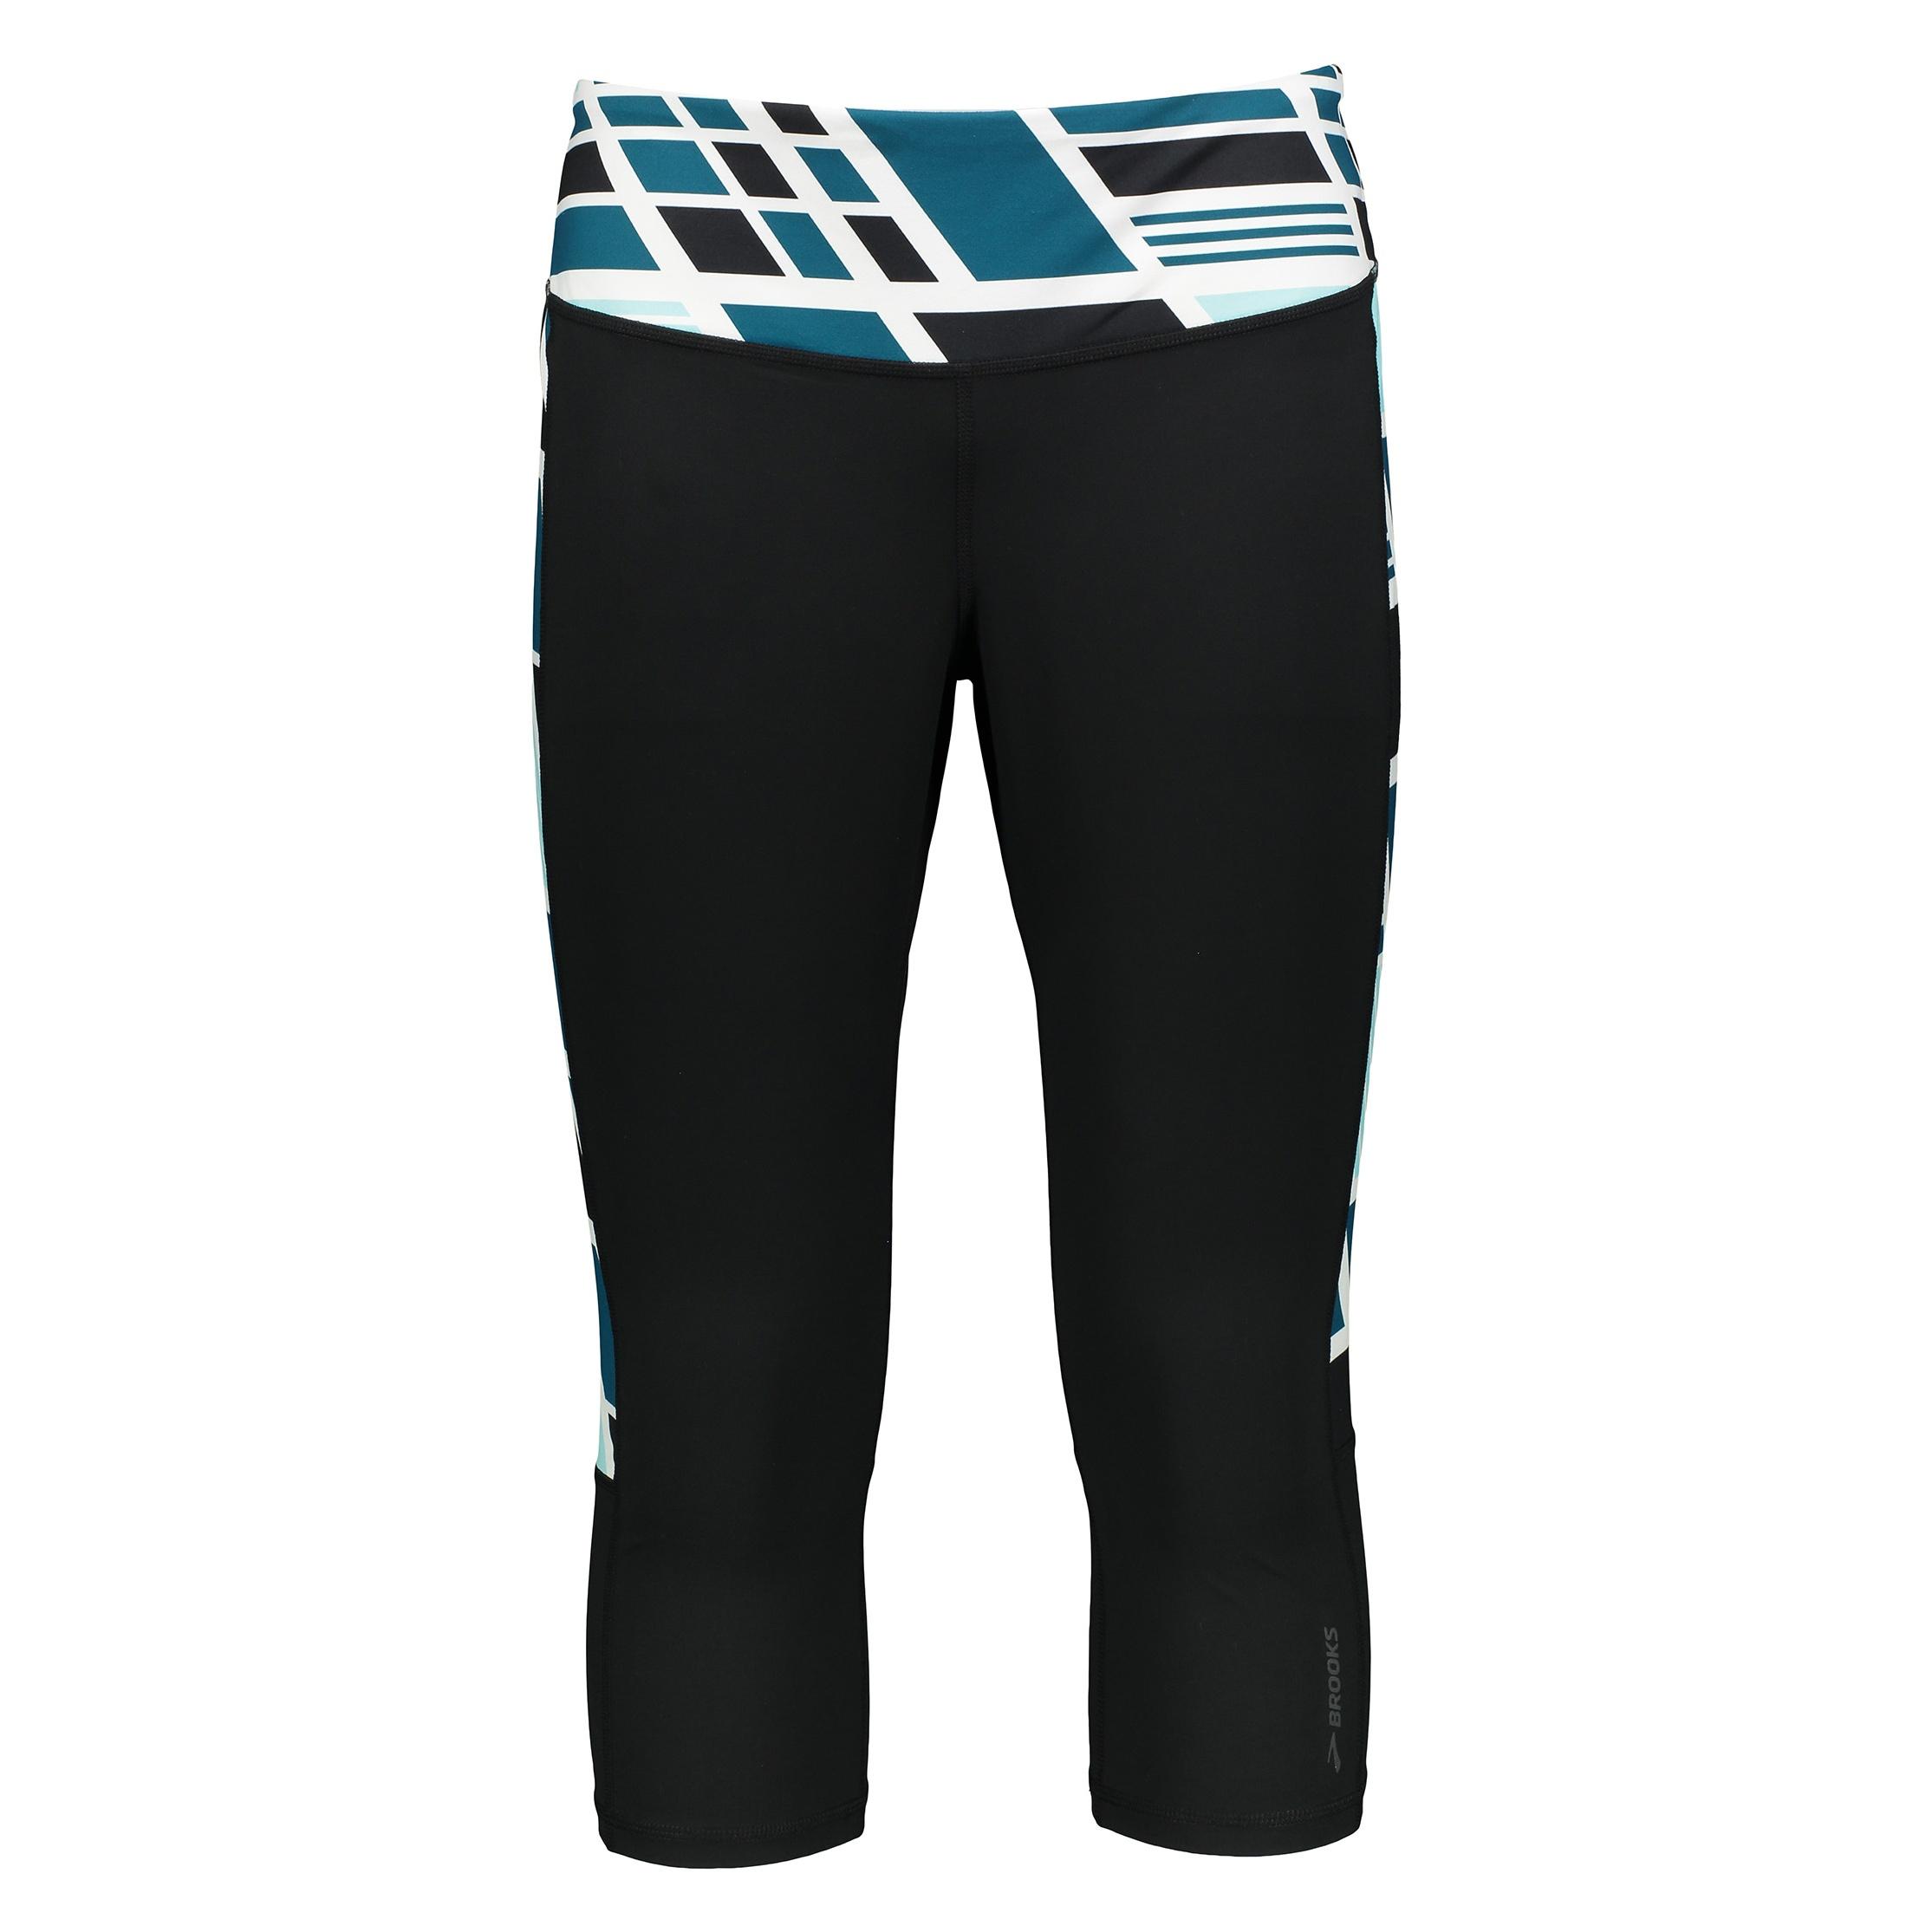 شلوارک ورزشی زنانه بروکس کد 221227088-040